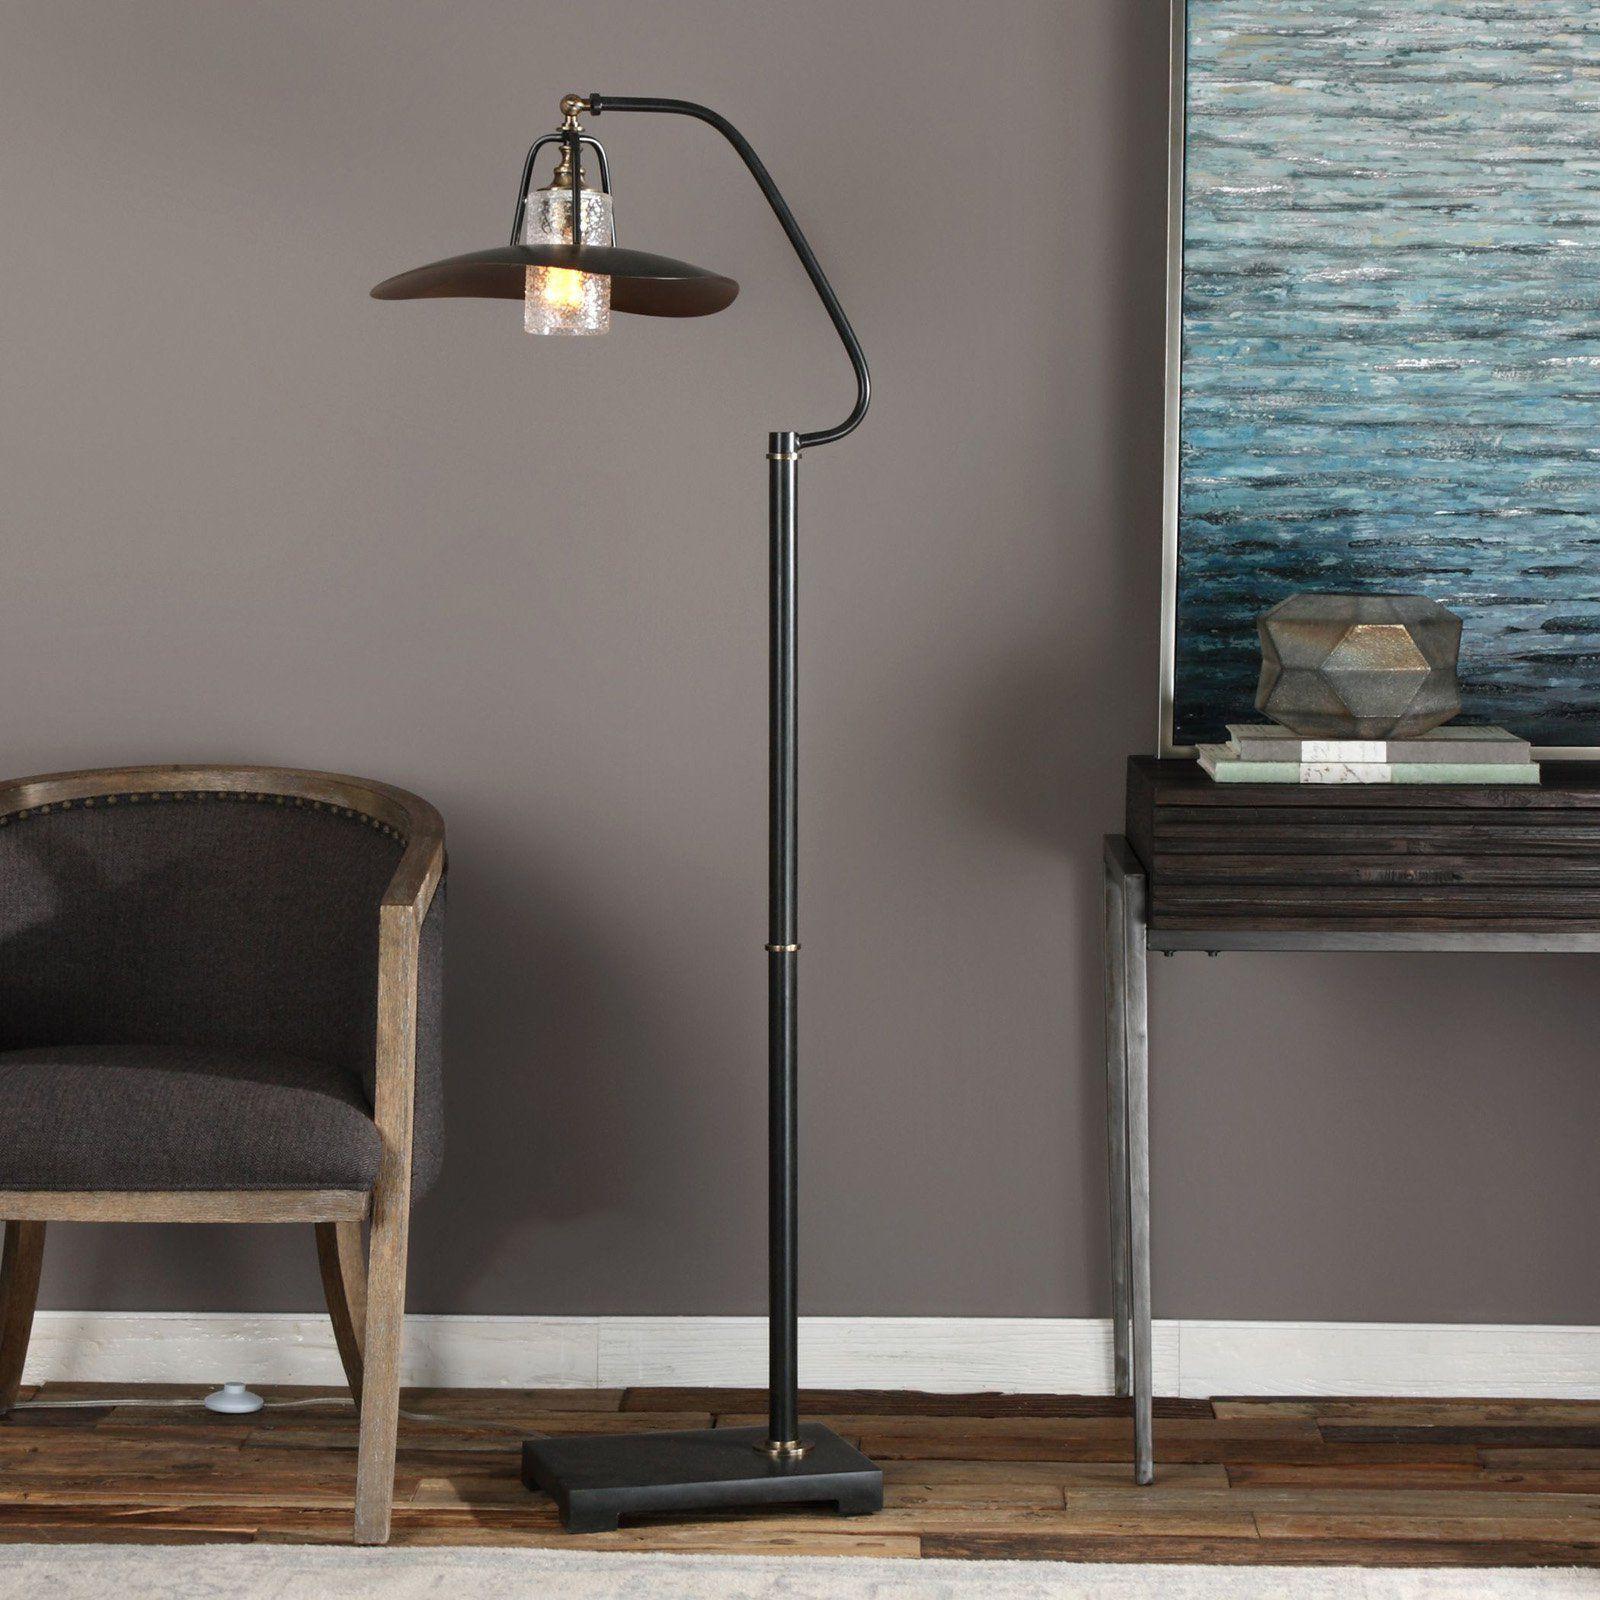 Uttermost Arkutino Black Iron Floor Lamp Iron Floor Lamp Floor Lamp Contemporary Floor Lamps